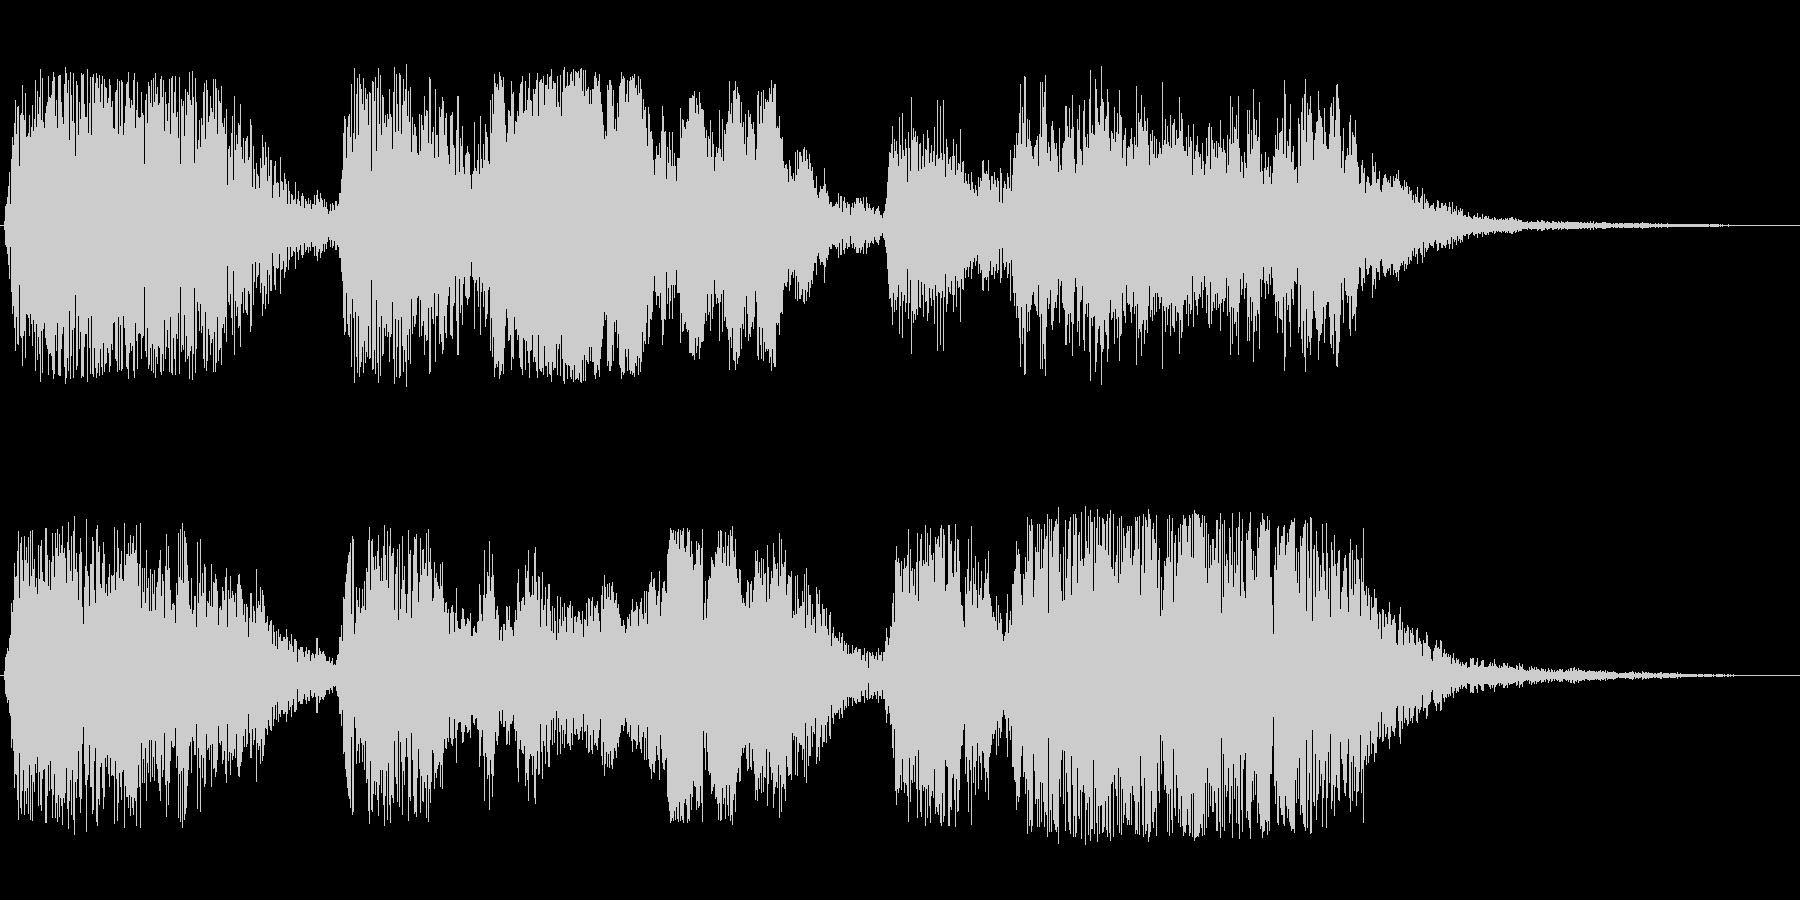 ファーファフォーフォファー(神聖な印象)の未再生の波形